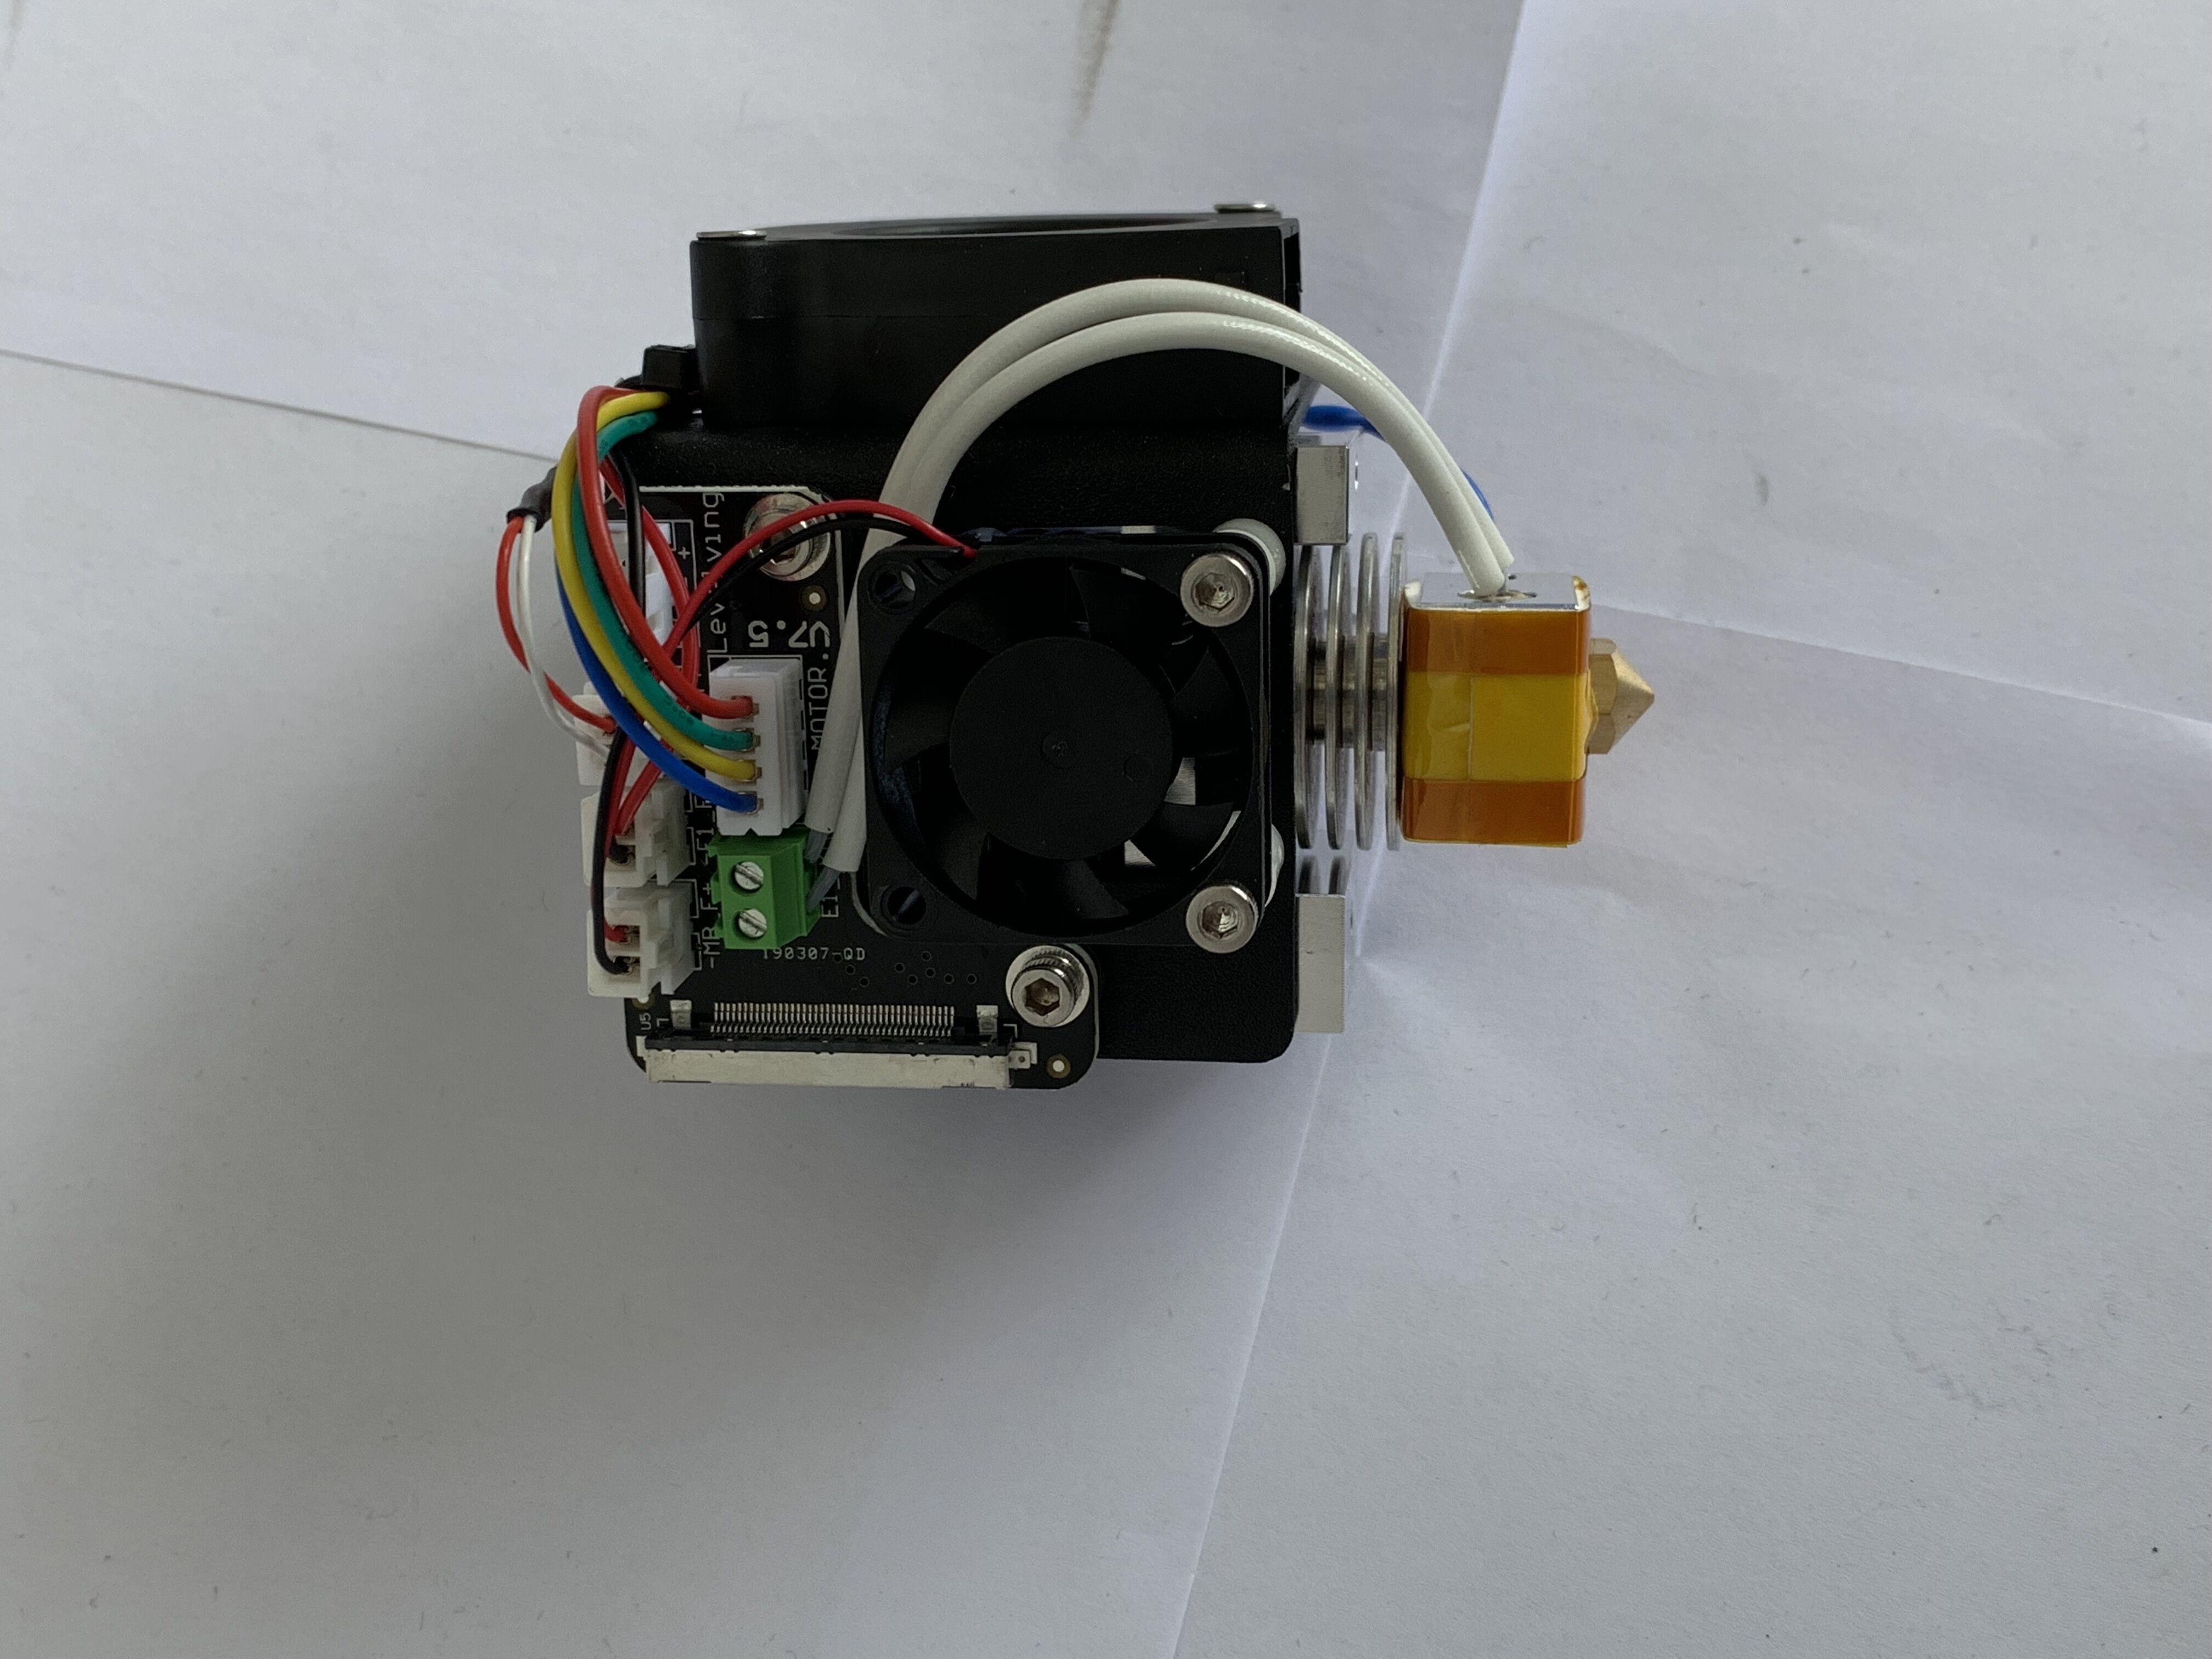 QIDI TECH нормальный экструдер для QIDI TECH x plus/x max высокое качество с конкурентоспособной ценой Детали и аксессуары для 3D-принтеров      АлиЭкспресс